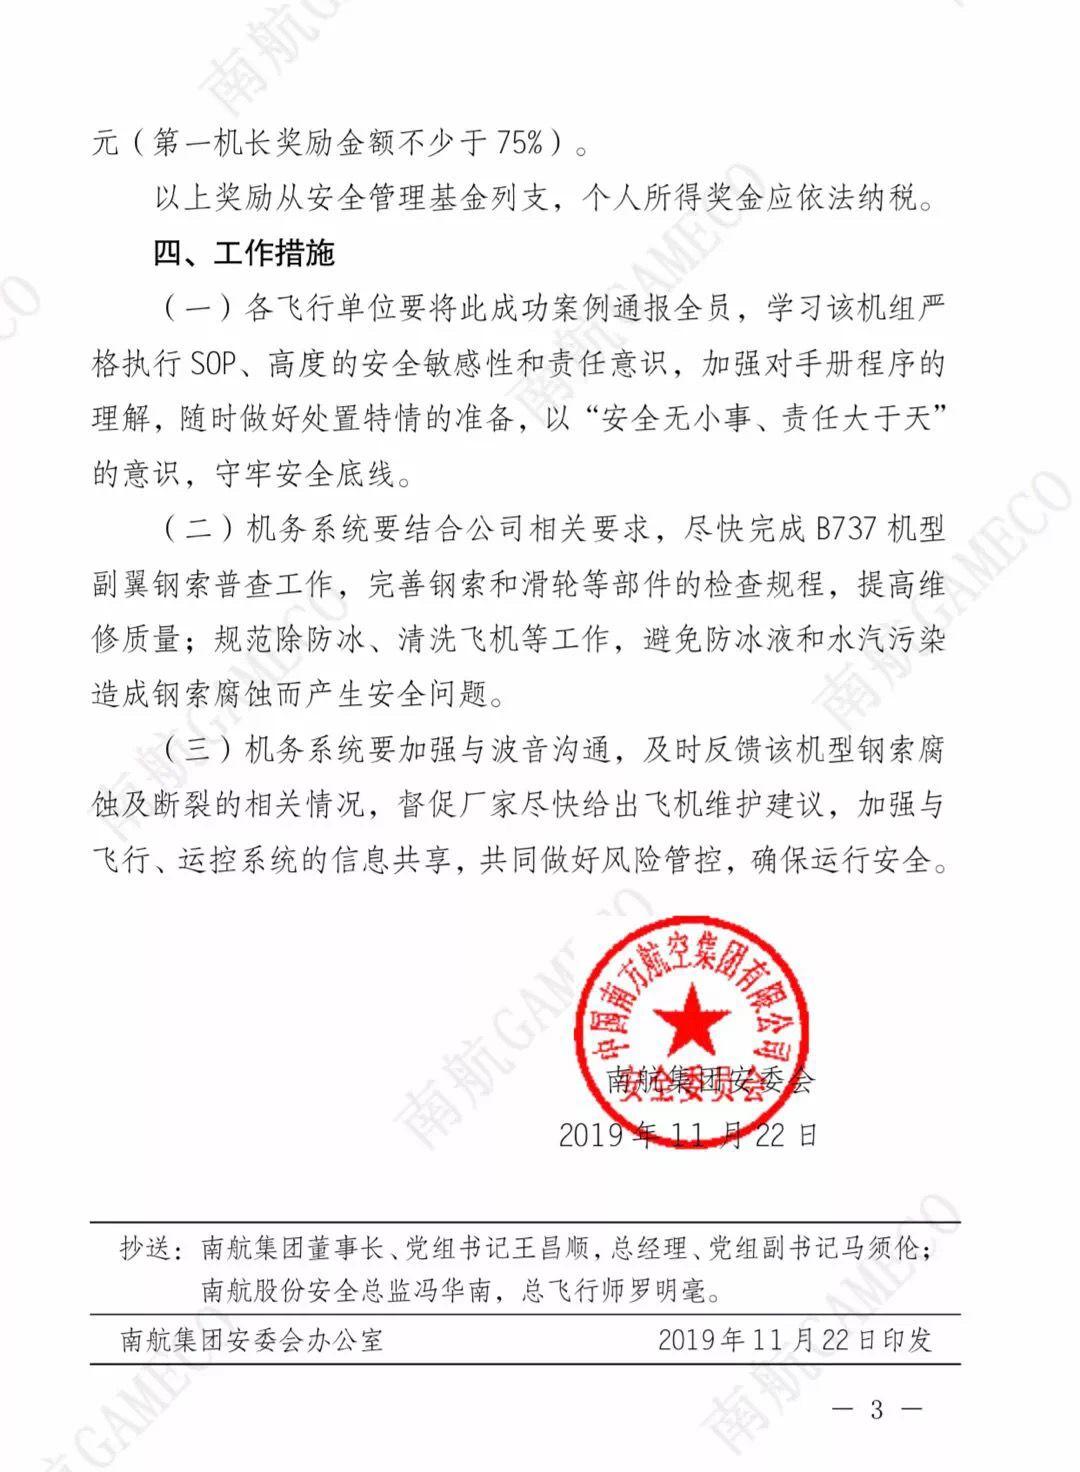 自媒体发布的奖励通报原文。